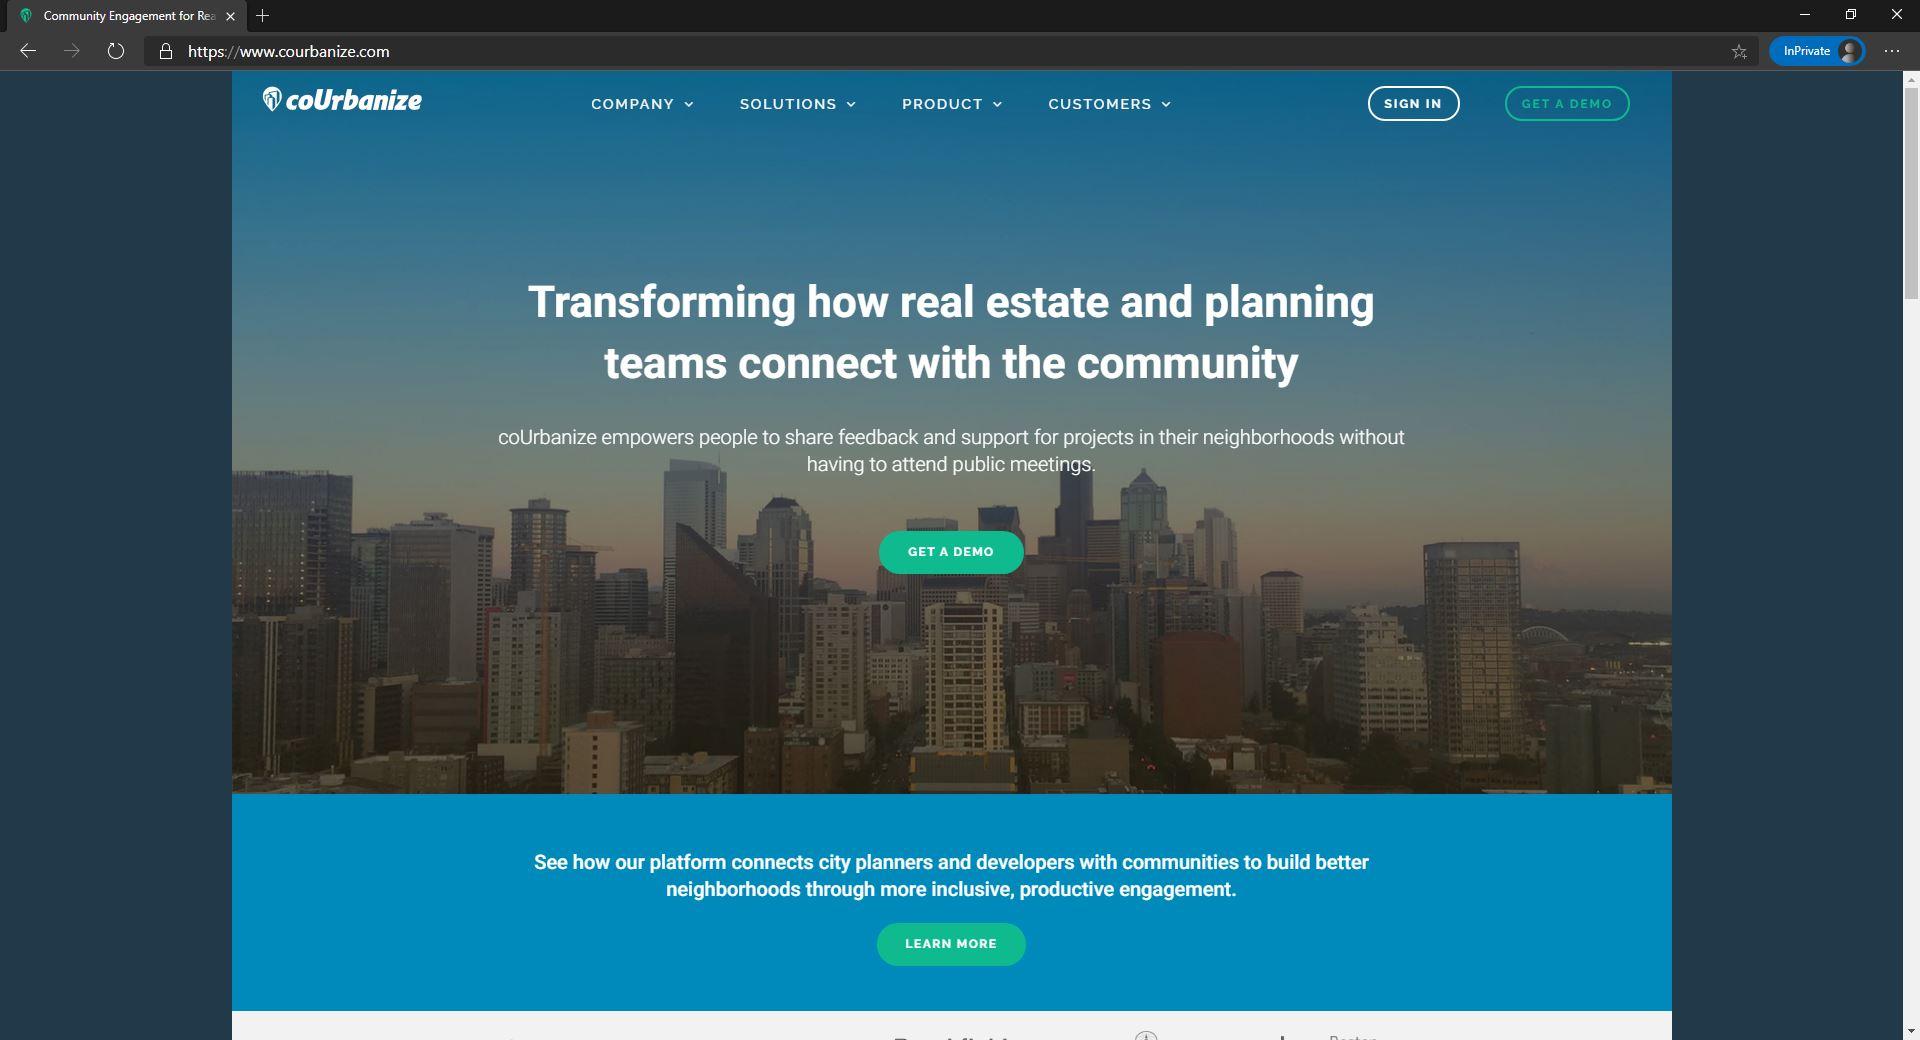 coUrbanize website homepage